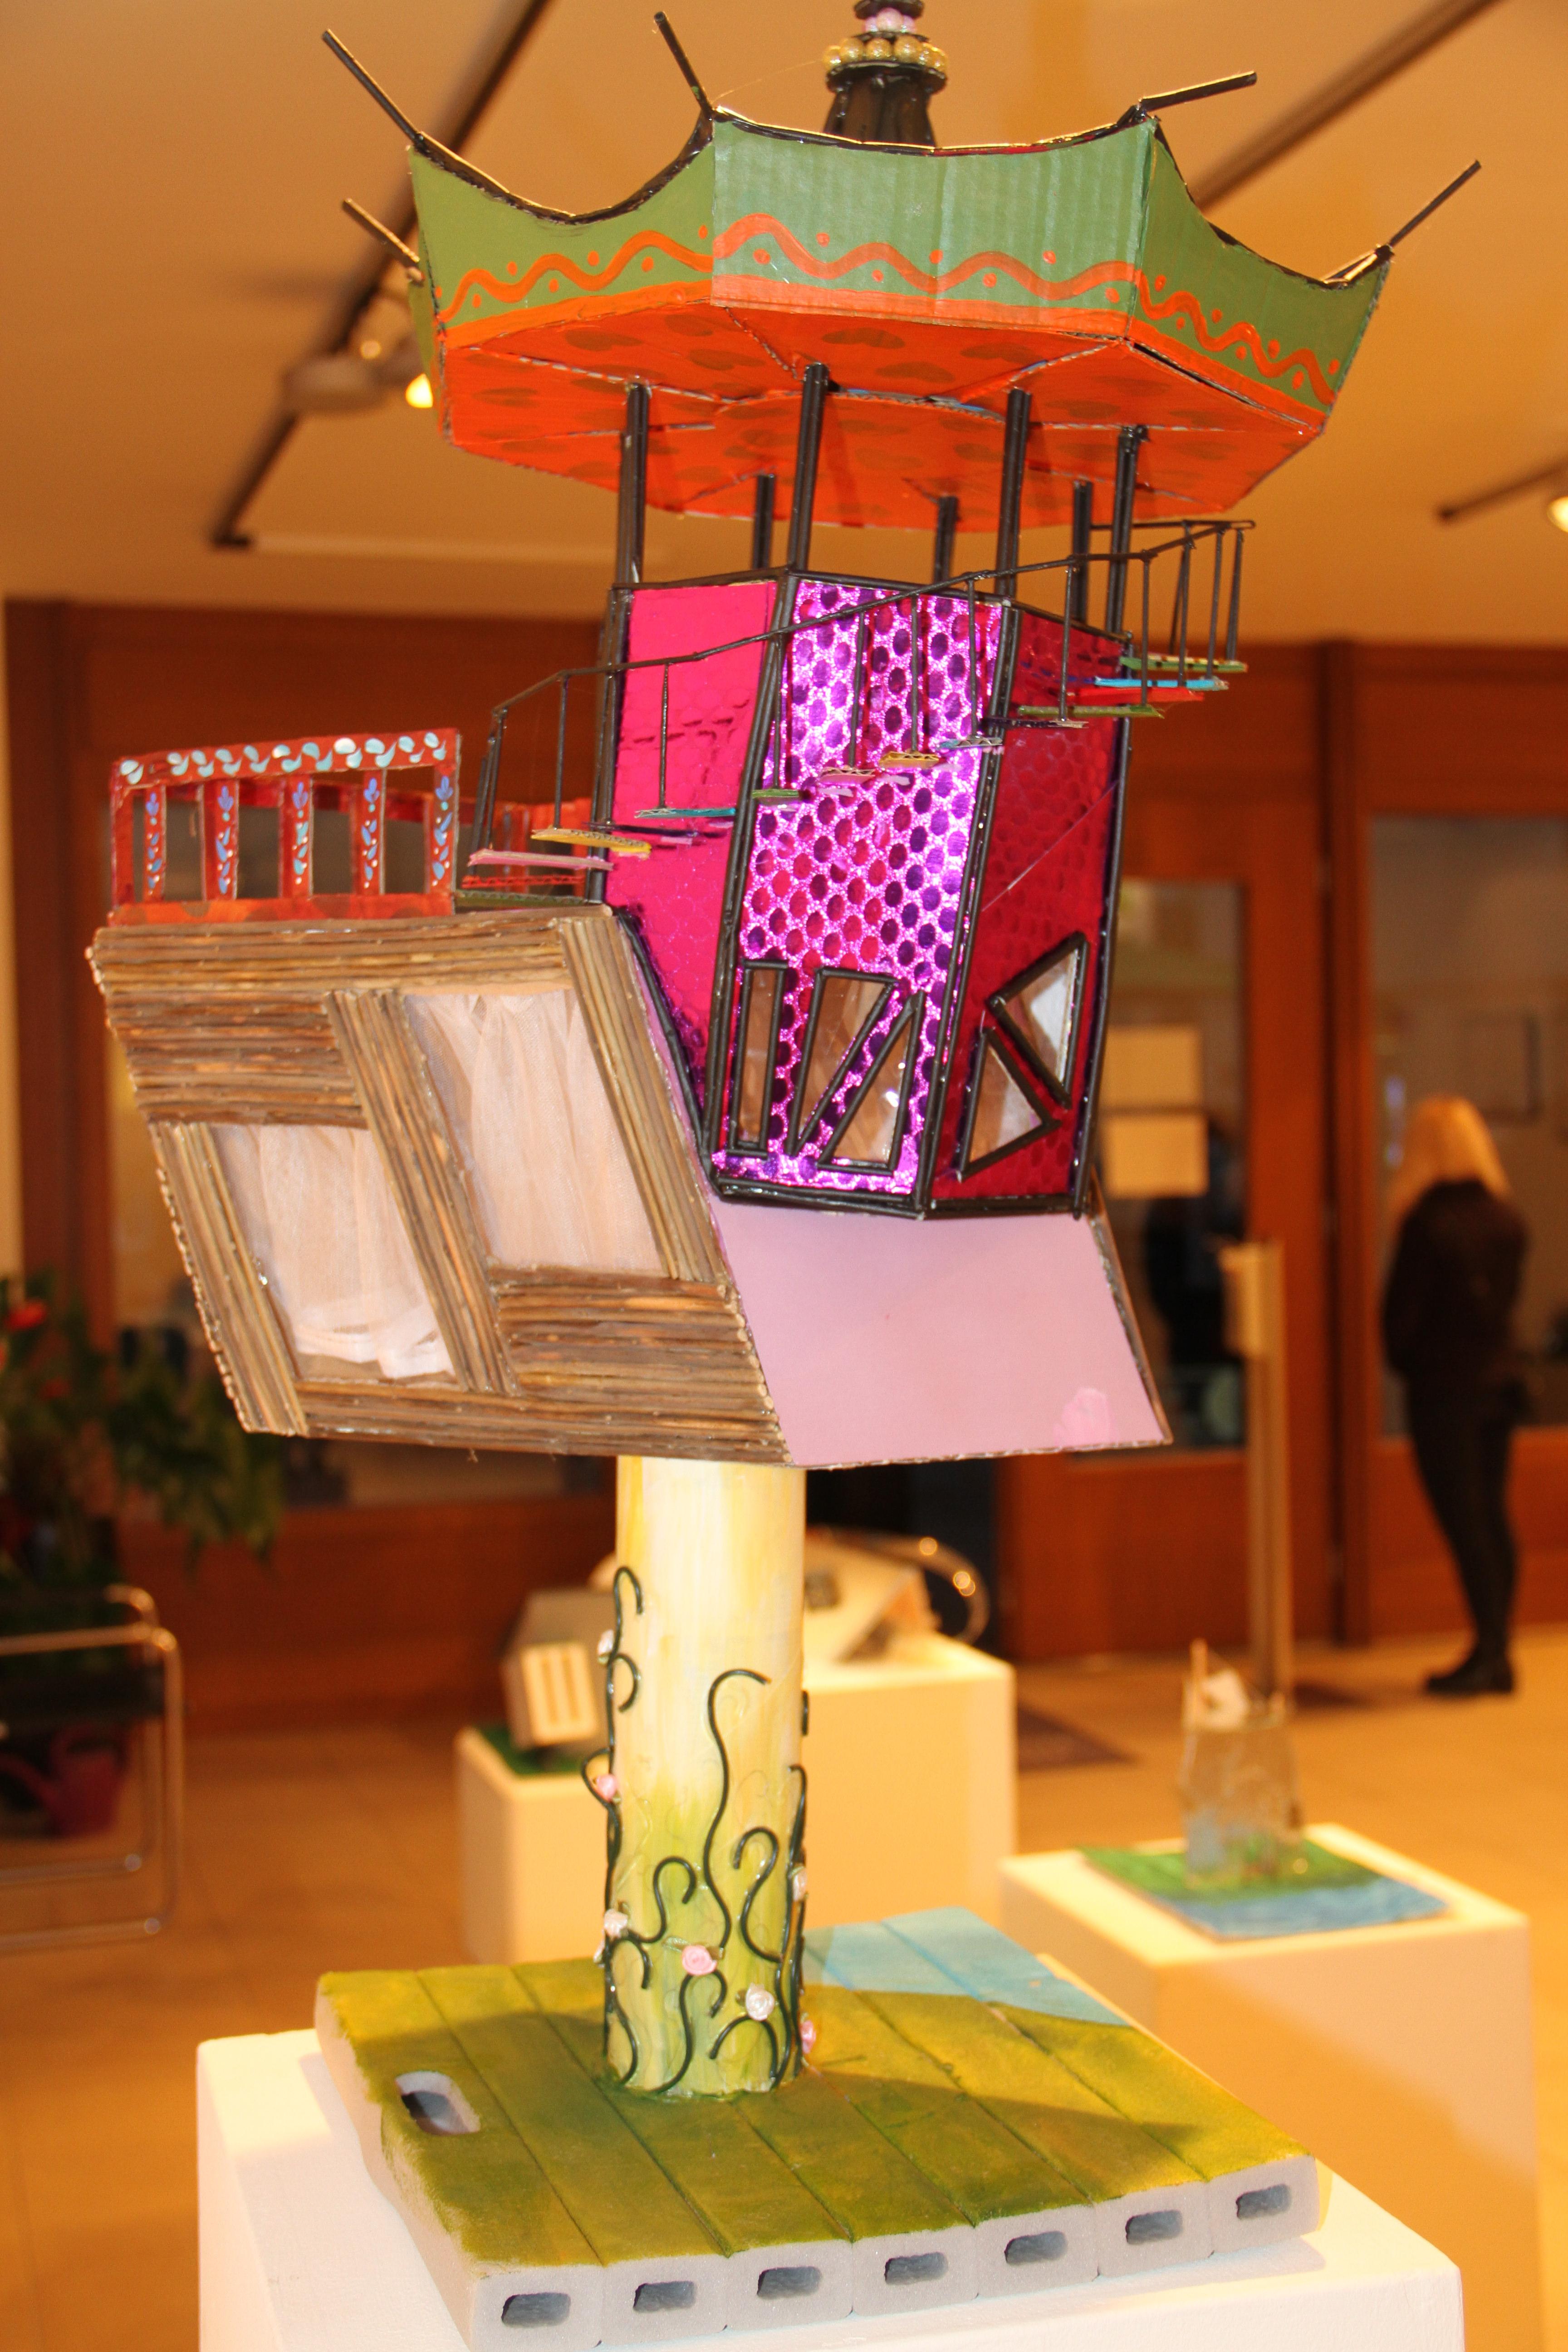 Eines der Ausstellungsstücke aus der Galerie am Rathaus.